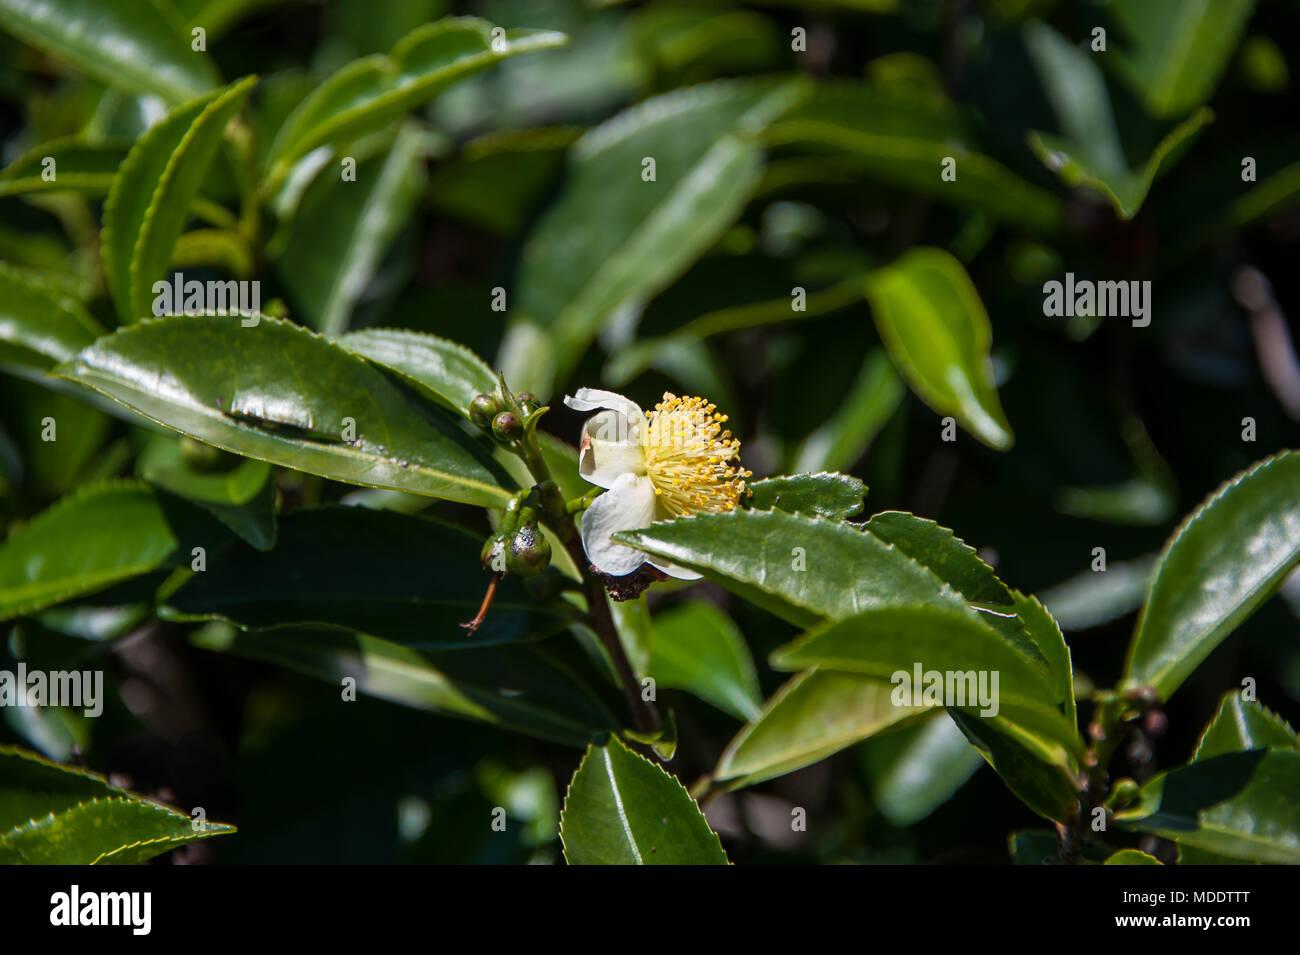 In prossimità di una fioritura di macchia di tè (Camellia sinensis). Fiore bianco con pistilli di colore giallo sul lucido, foglie di colore verde scuro Immagini Stock